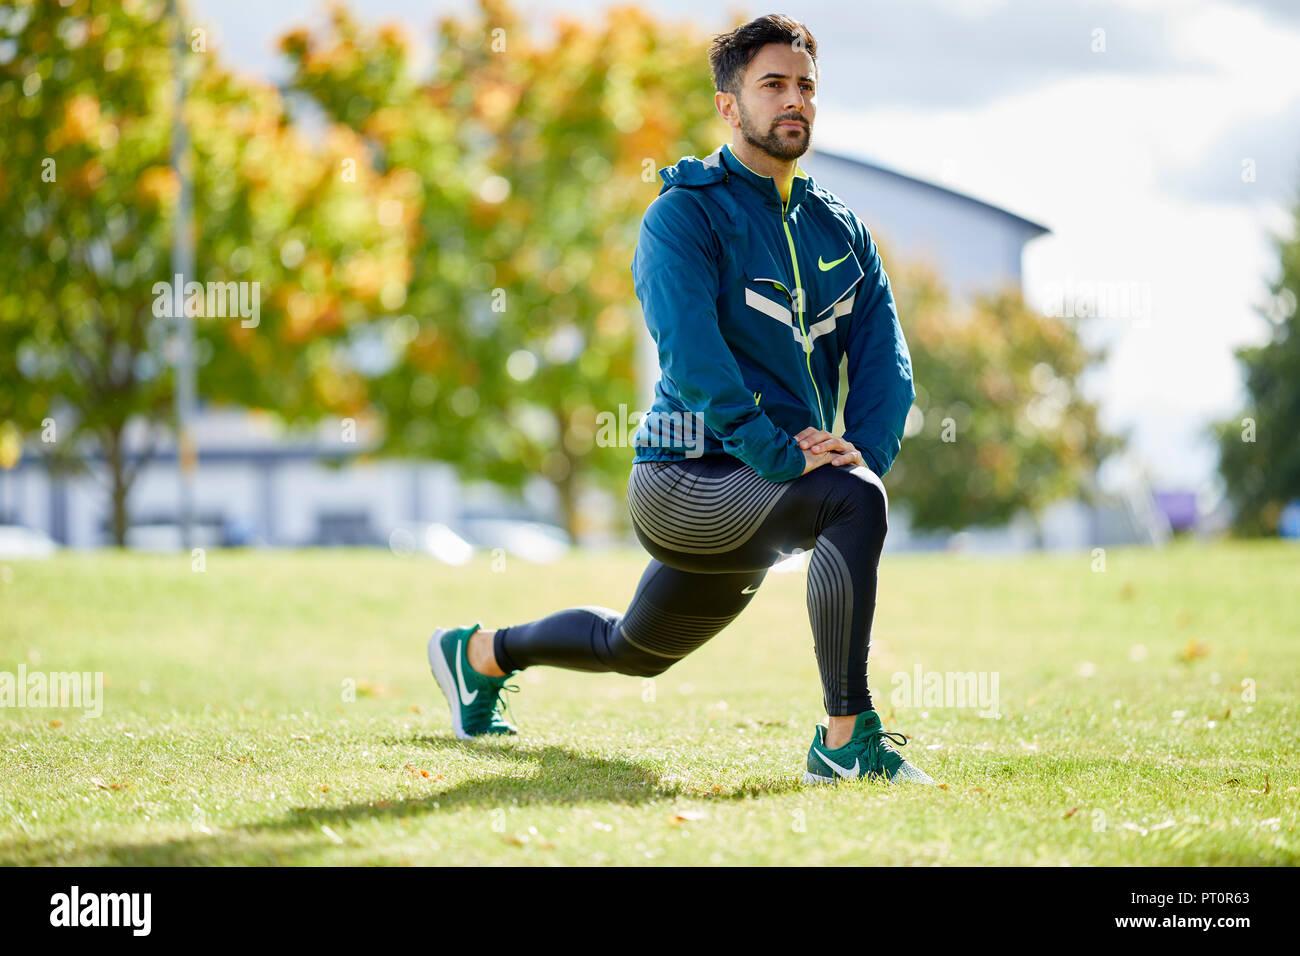 Man exercising - Stock Image